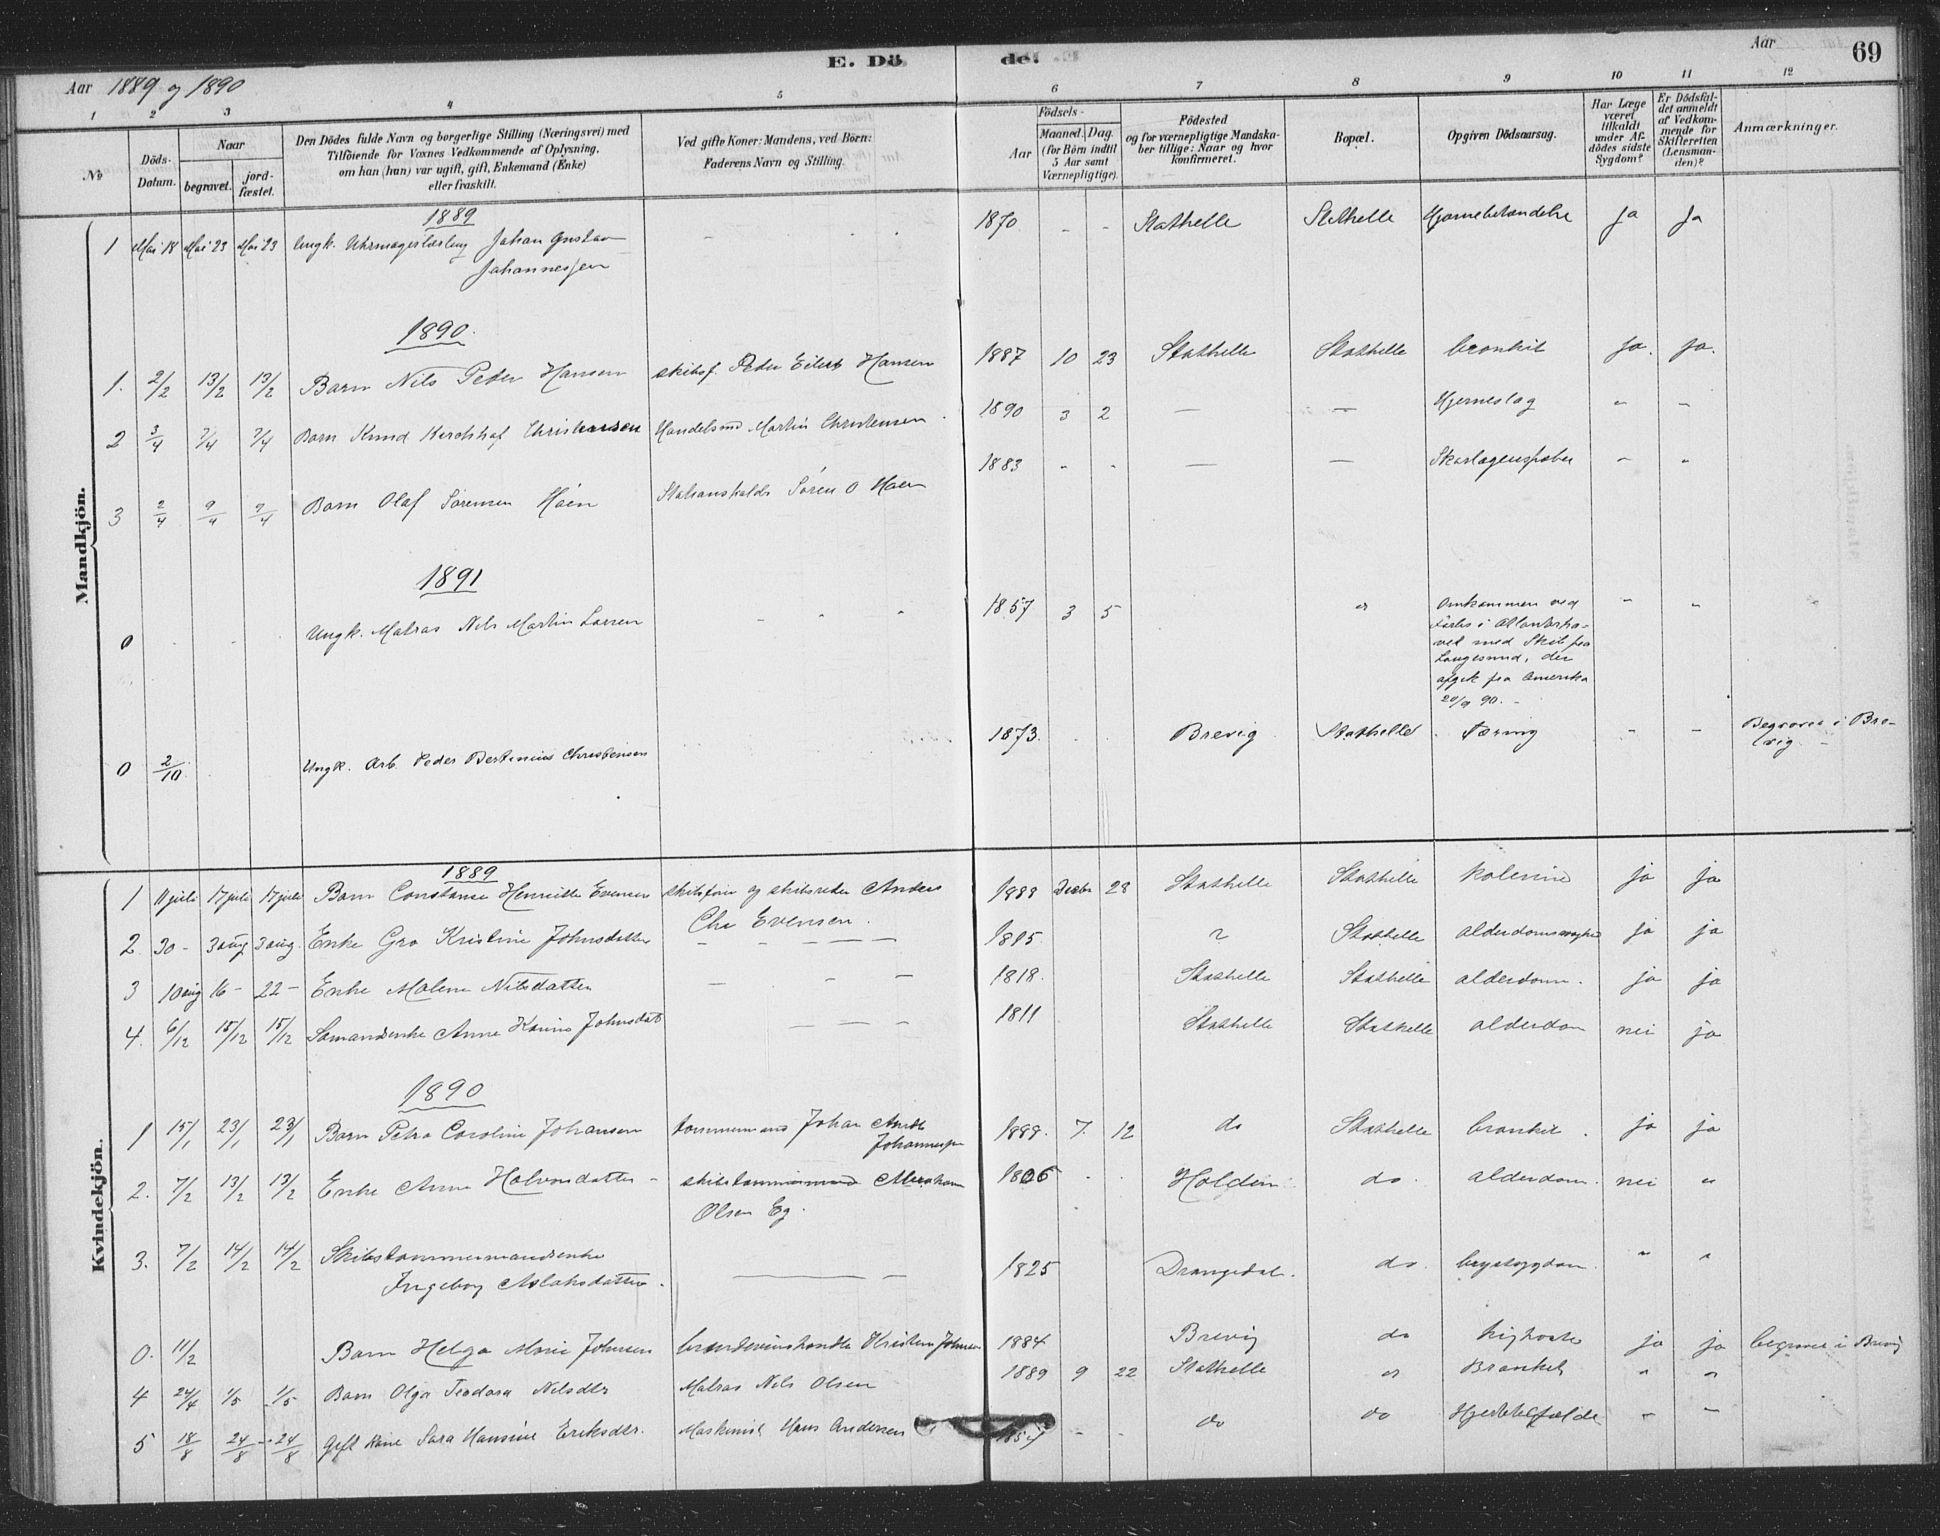 SAKO, Bamble kirkebøker, F/Fb/L0001: Ministerialbok nr. II 1, 1878-1899, s. 69